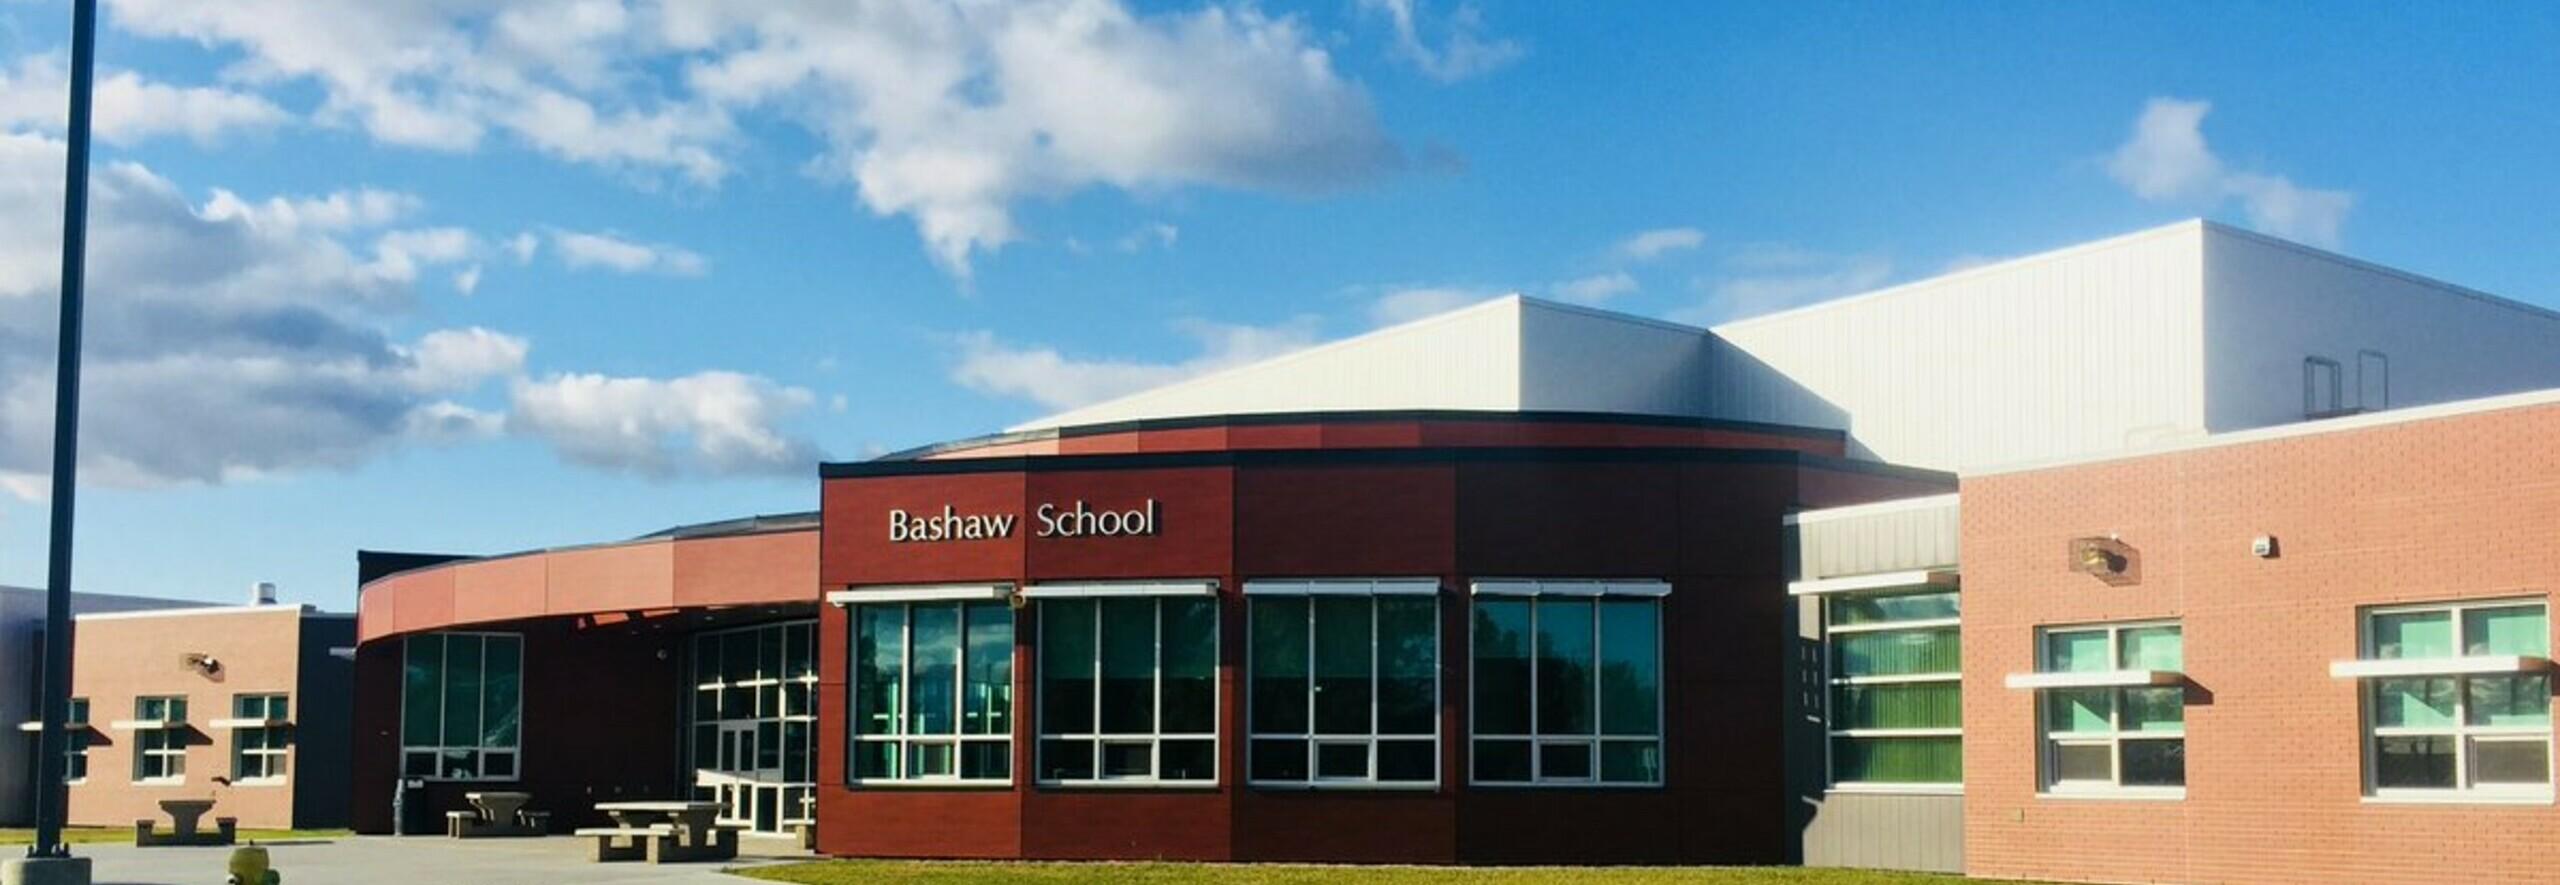 Bashaw School